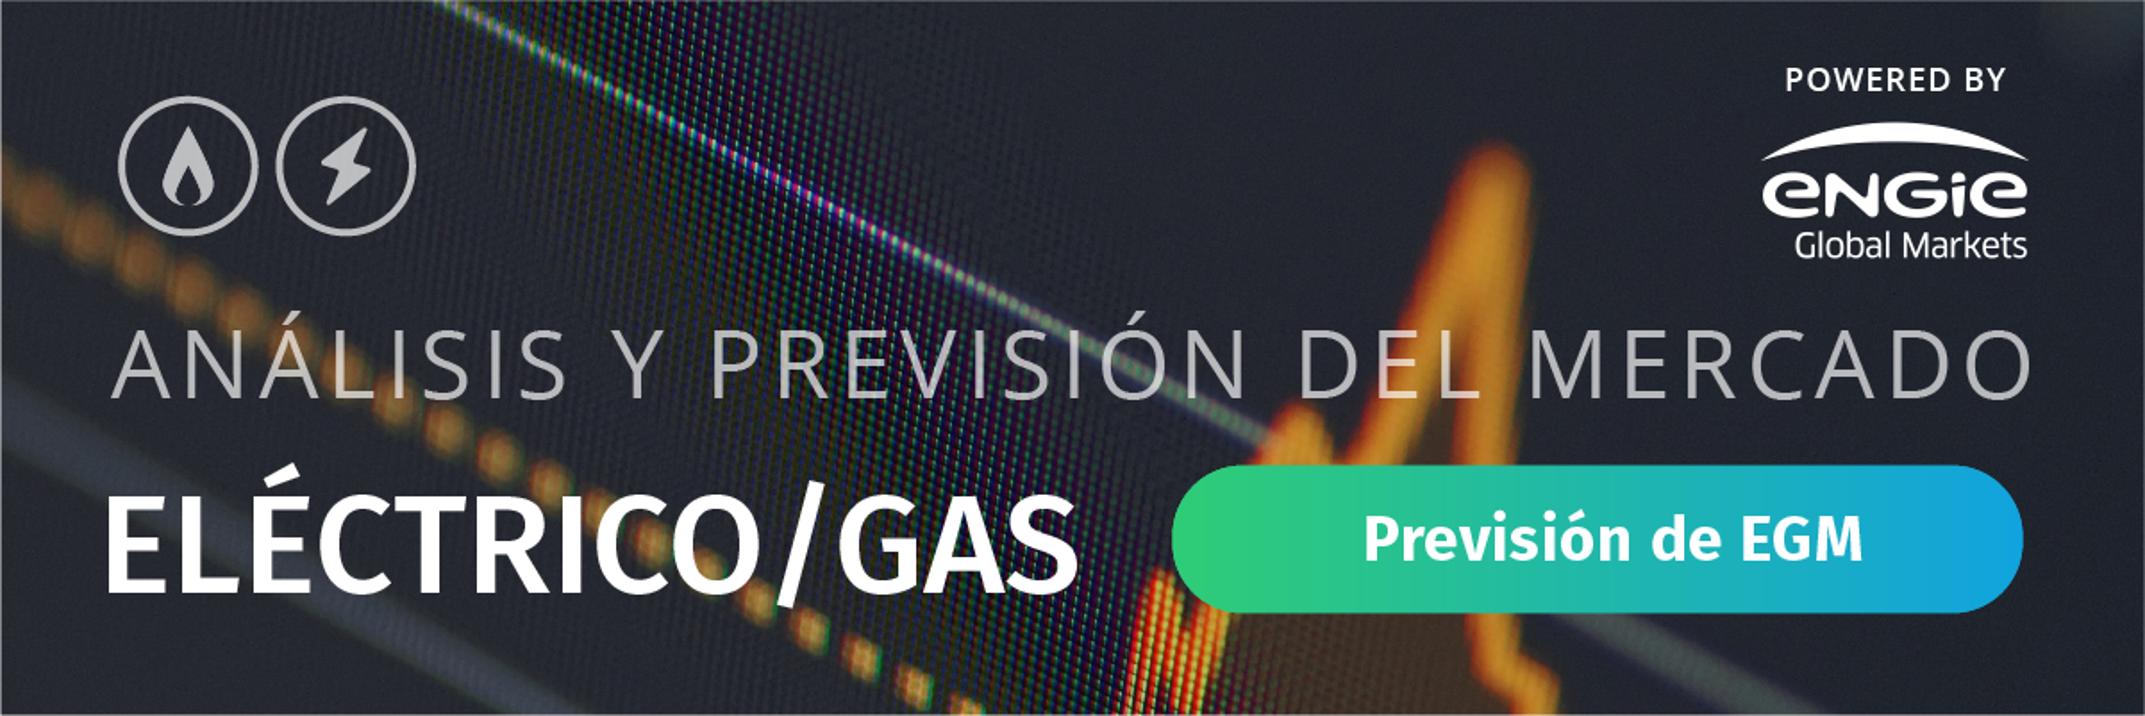 Análisis y previsión del mercado eléctrico y gas Engie Global Markets